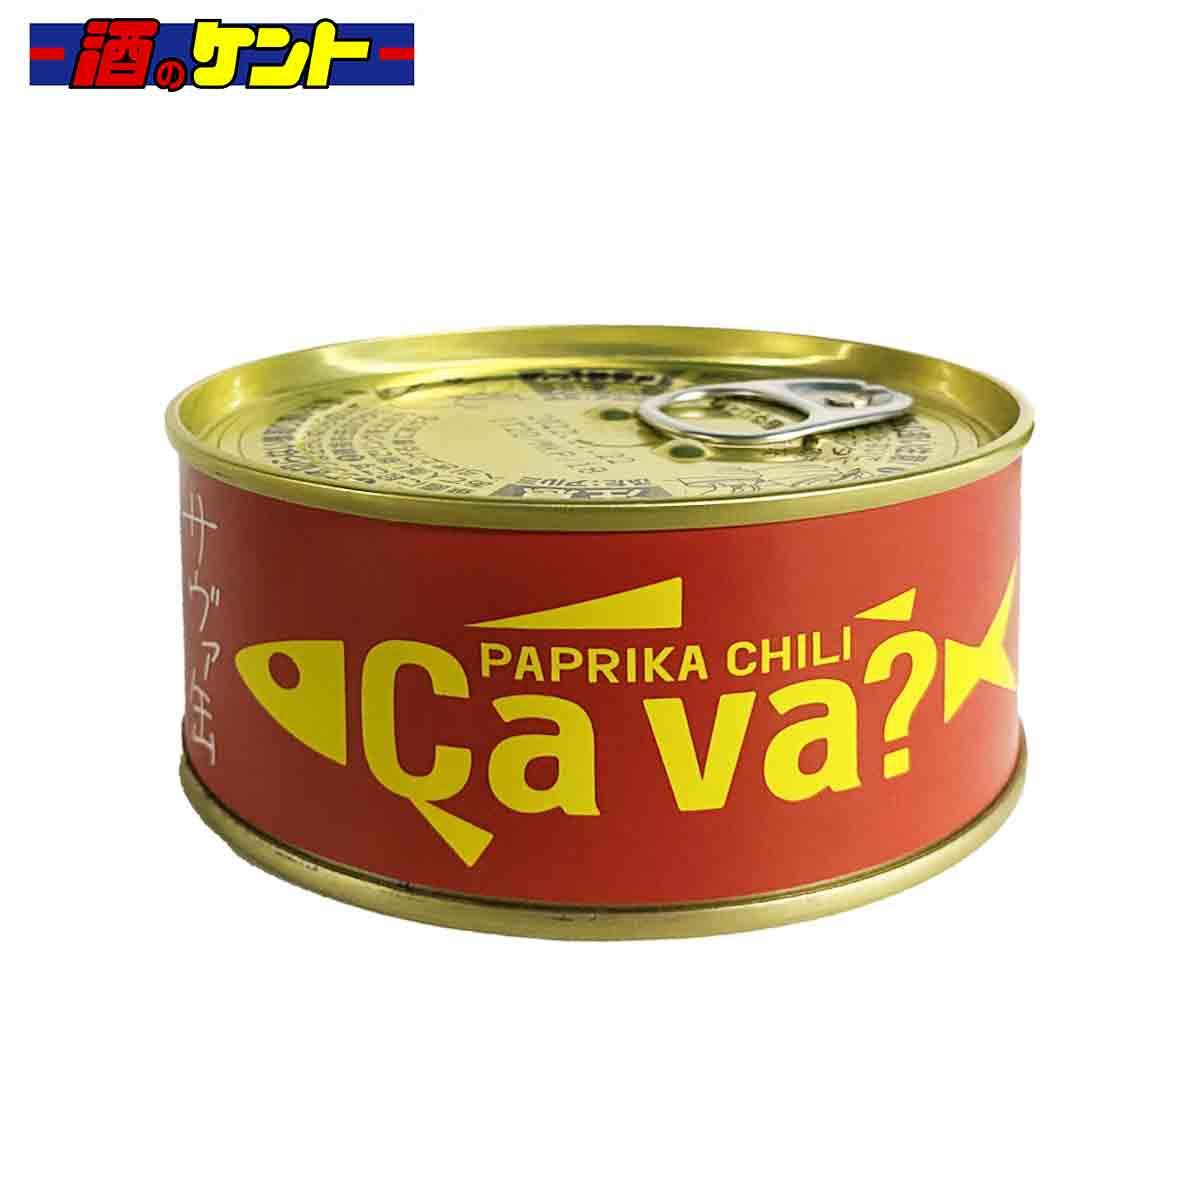 鯖缶パプリカチリソース